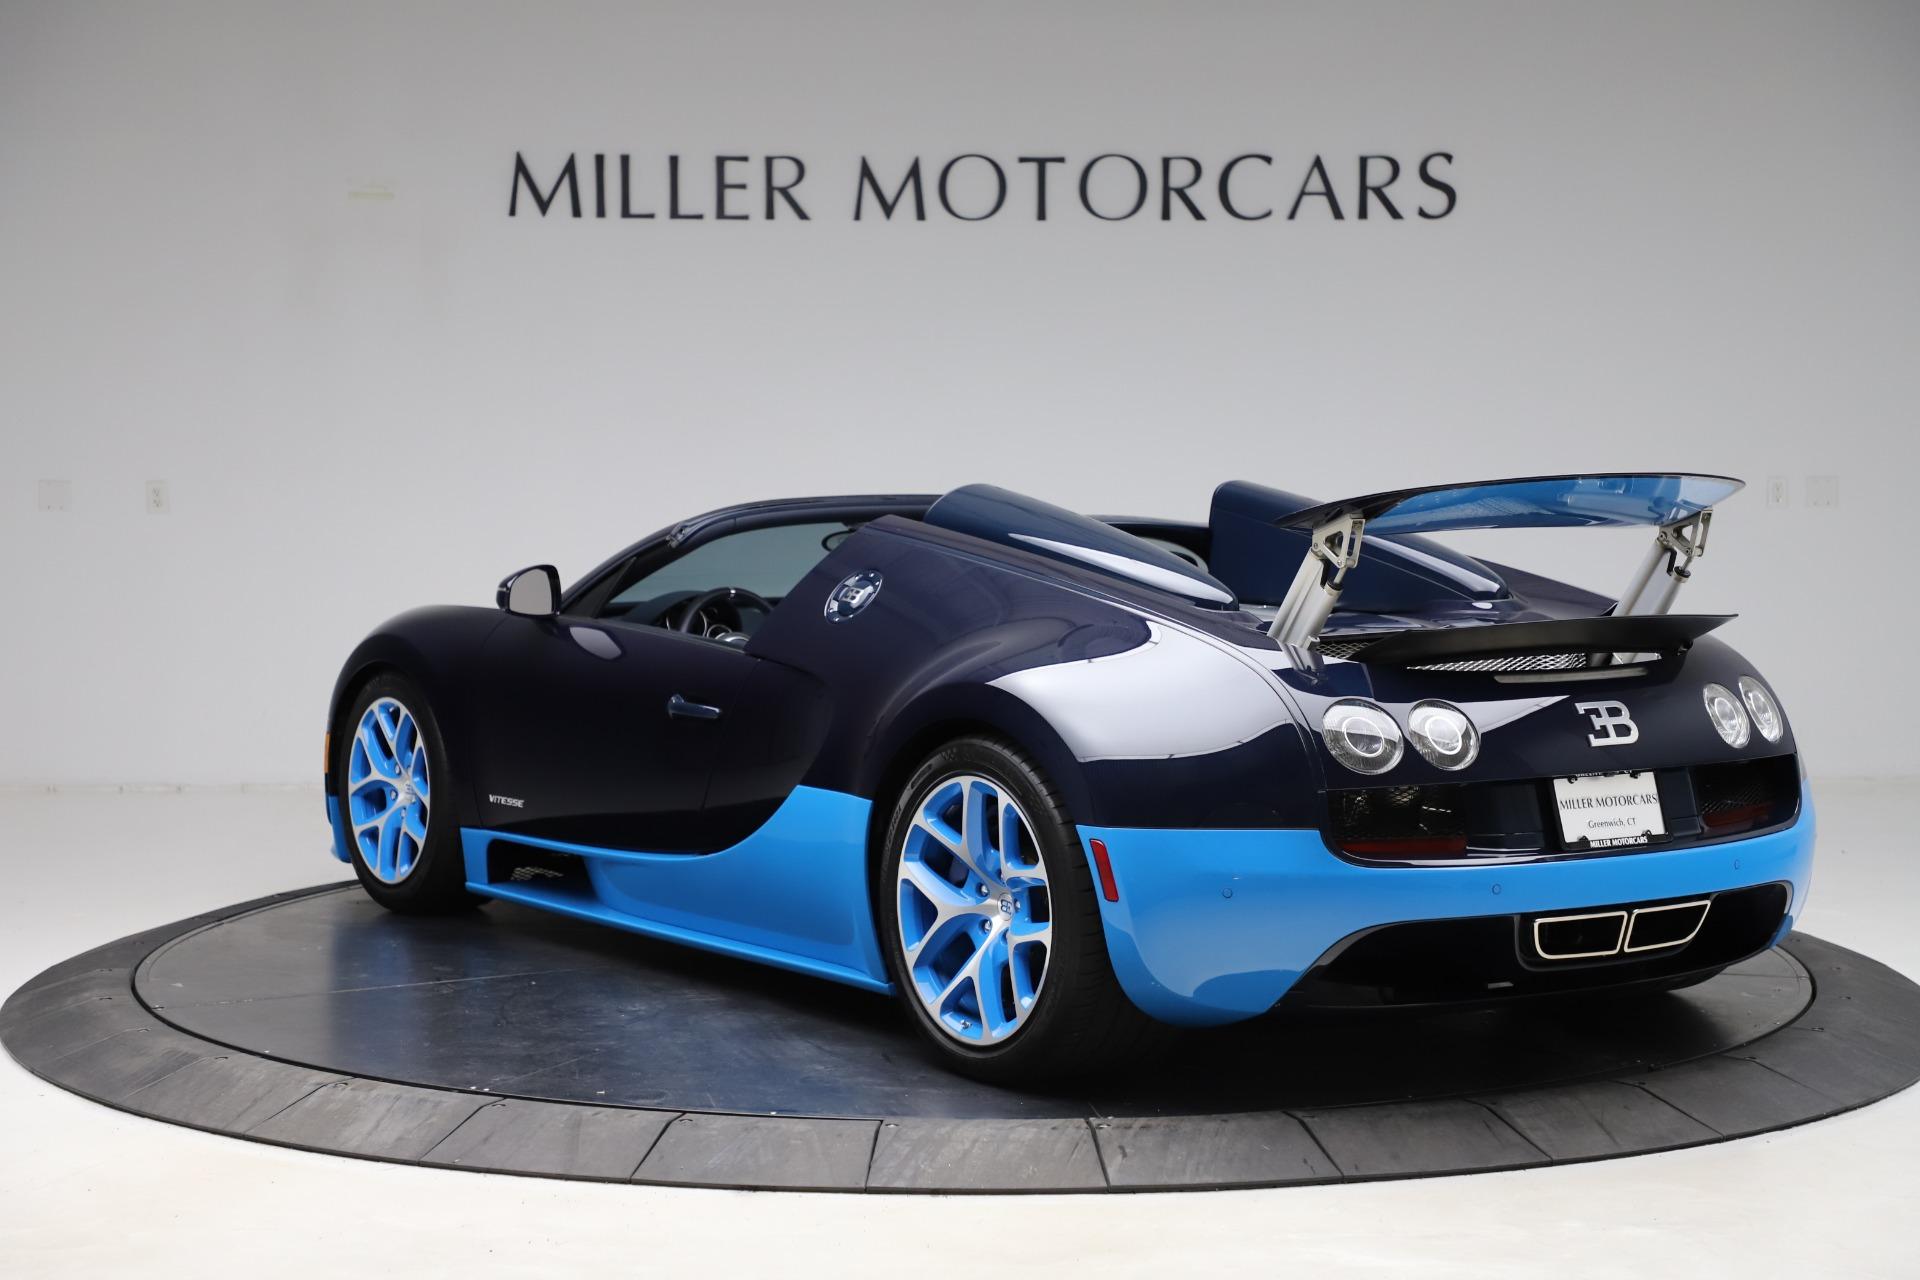 Pre-Owned 2014 Bugatti Veyron 16.4 Grand Sport Vitesse For Sale () | Miller Motorcars Stock #8040C